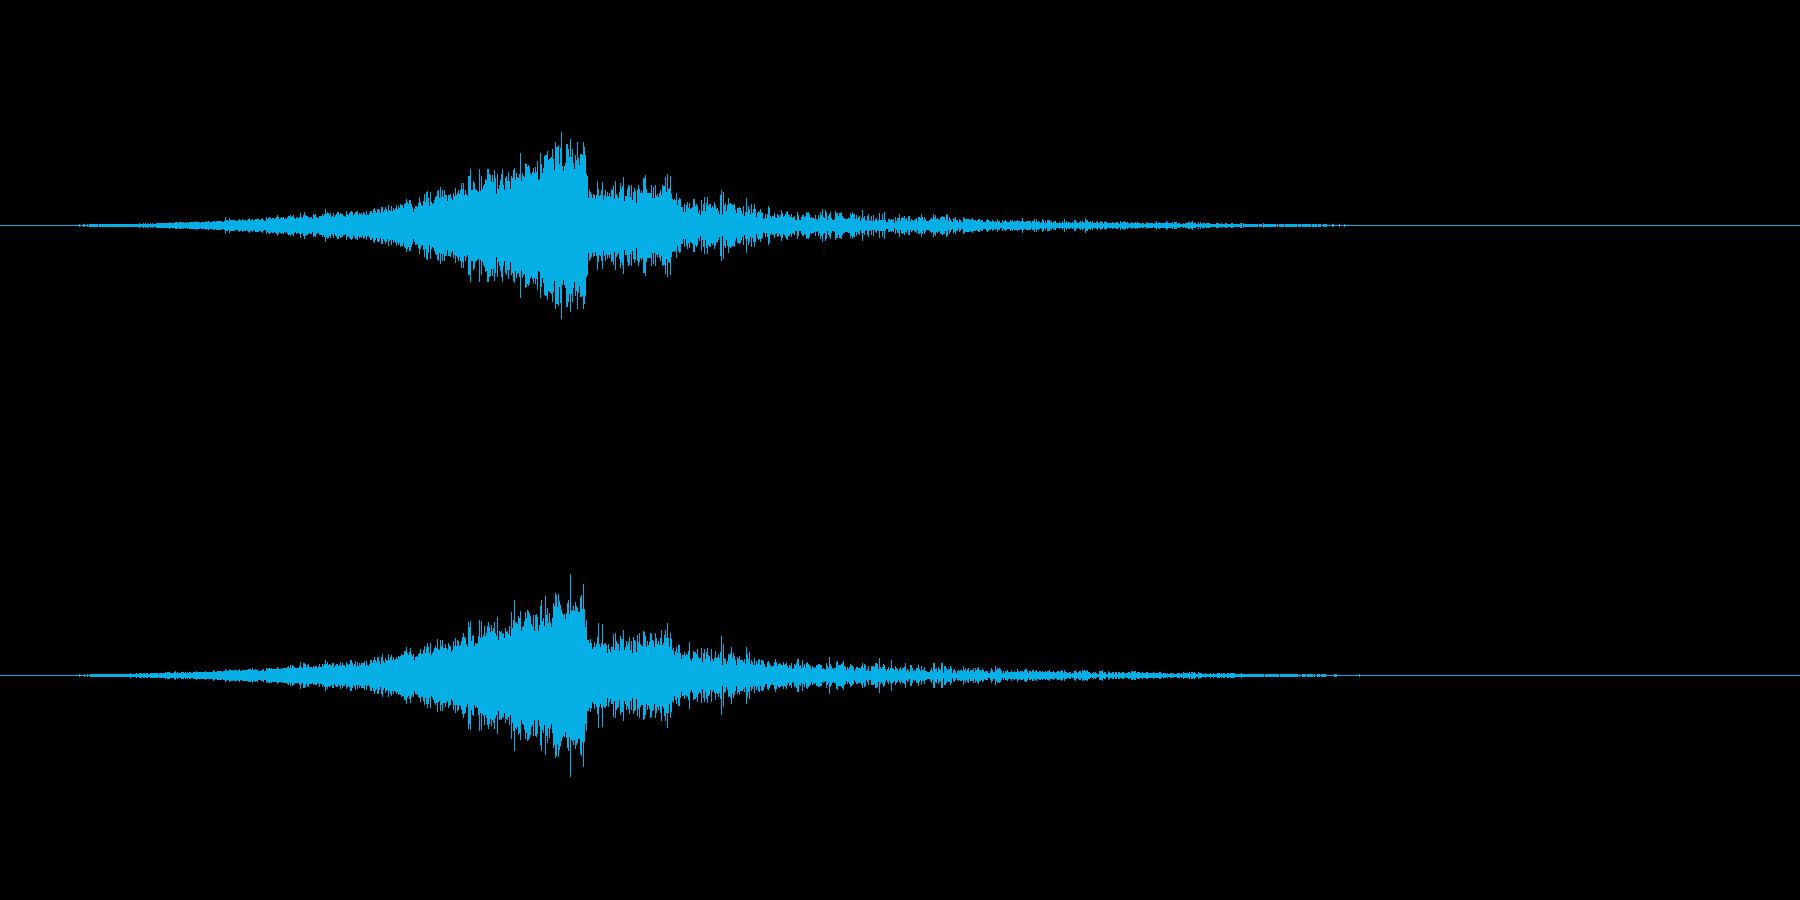 【ショートブリッジ21-1】の再生済みの波形